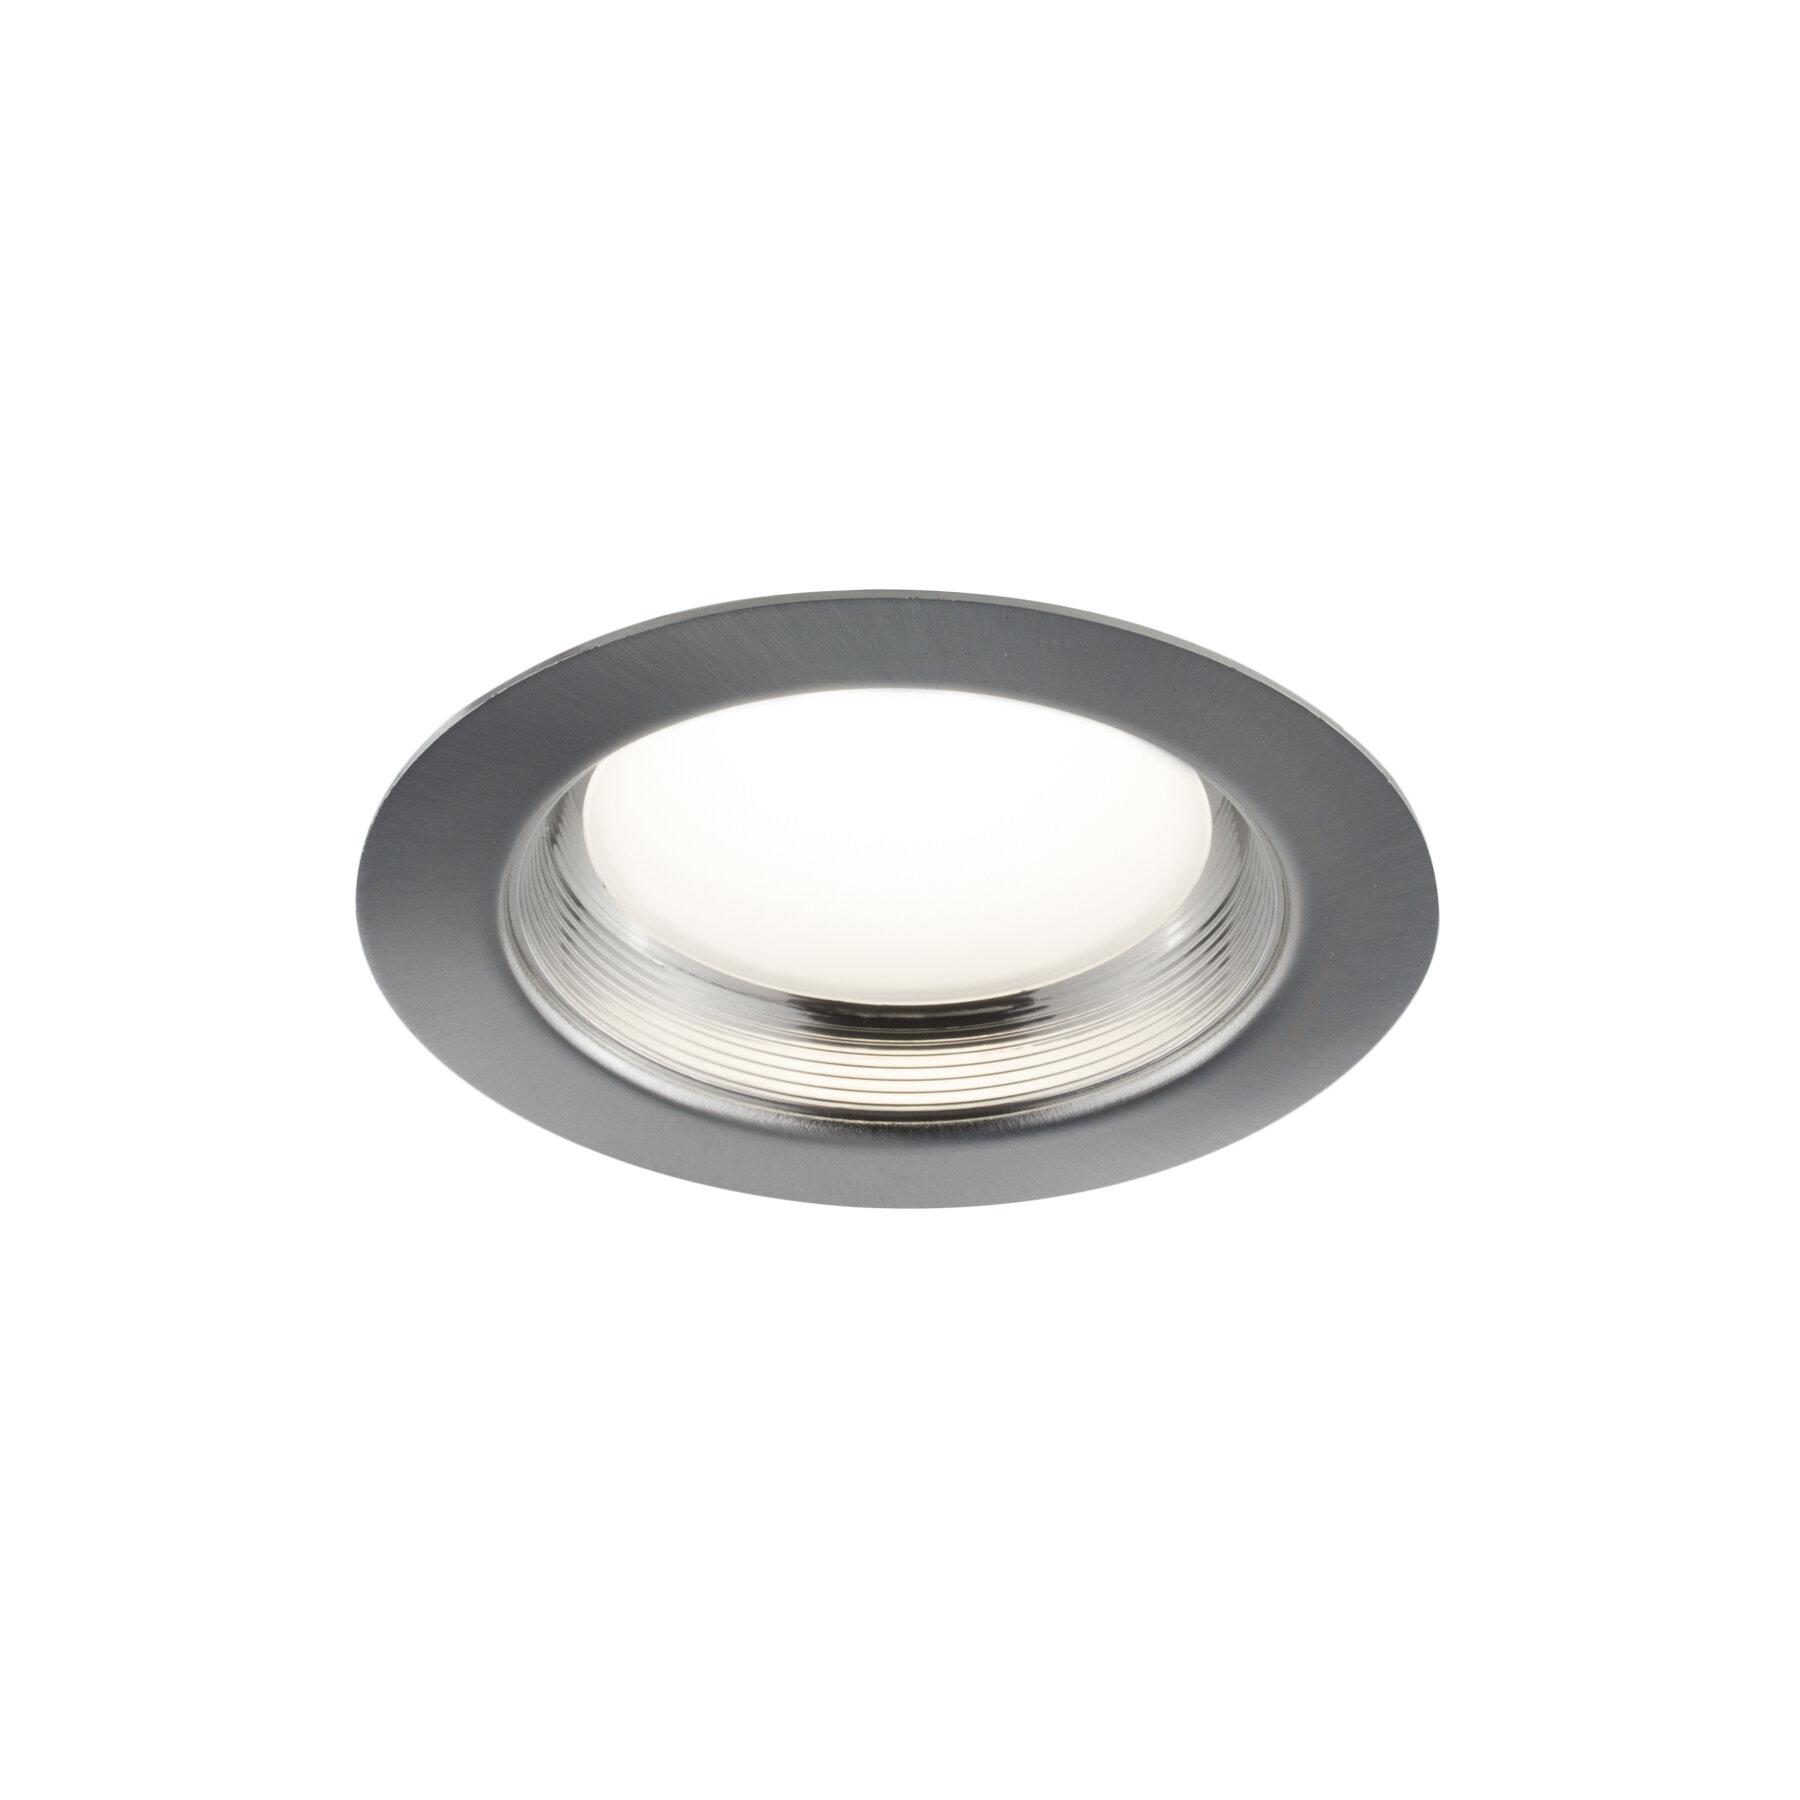 Bazz 5 Led Recessed Lighting Kit Wayfair